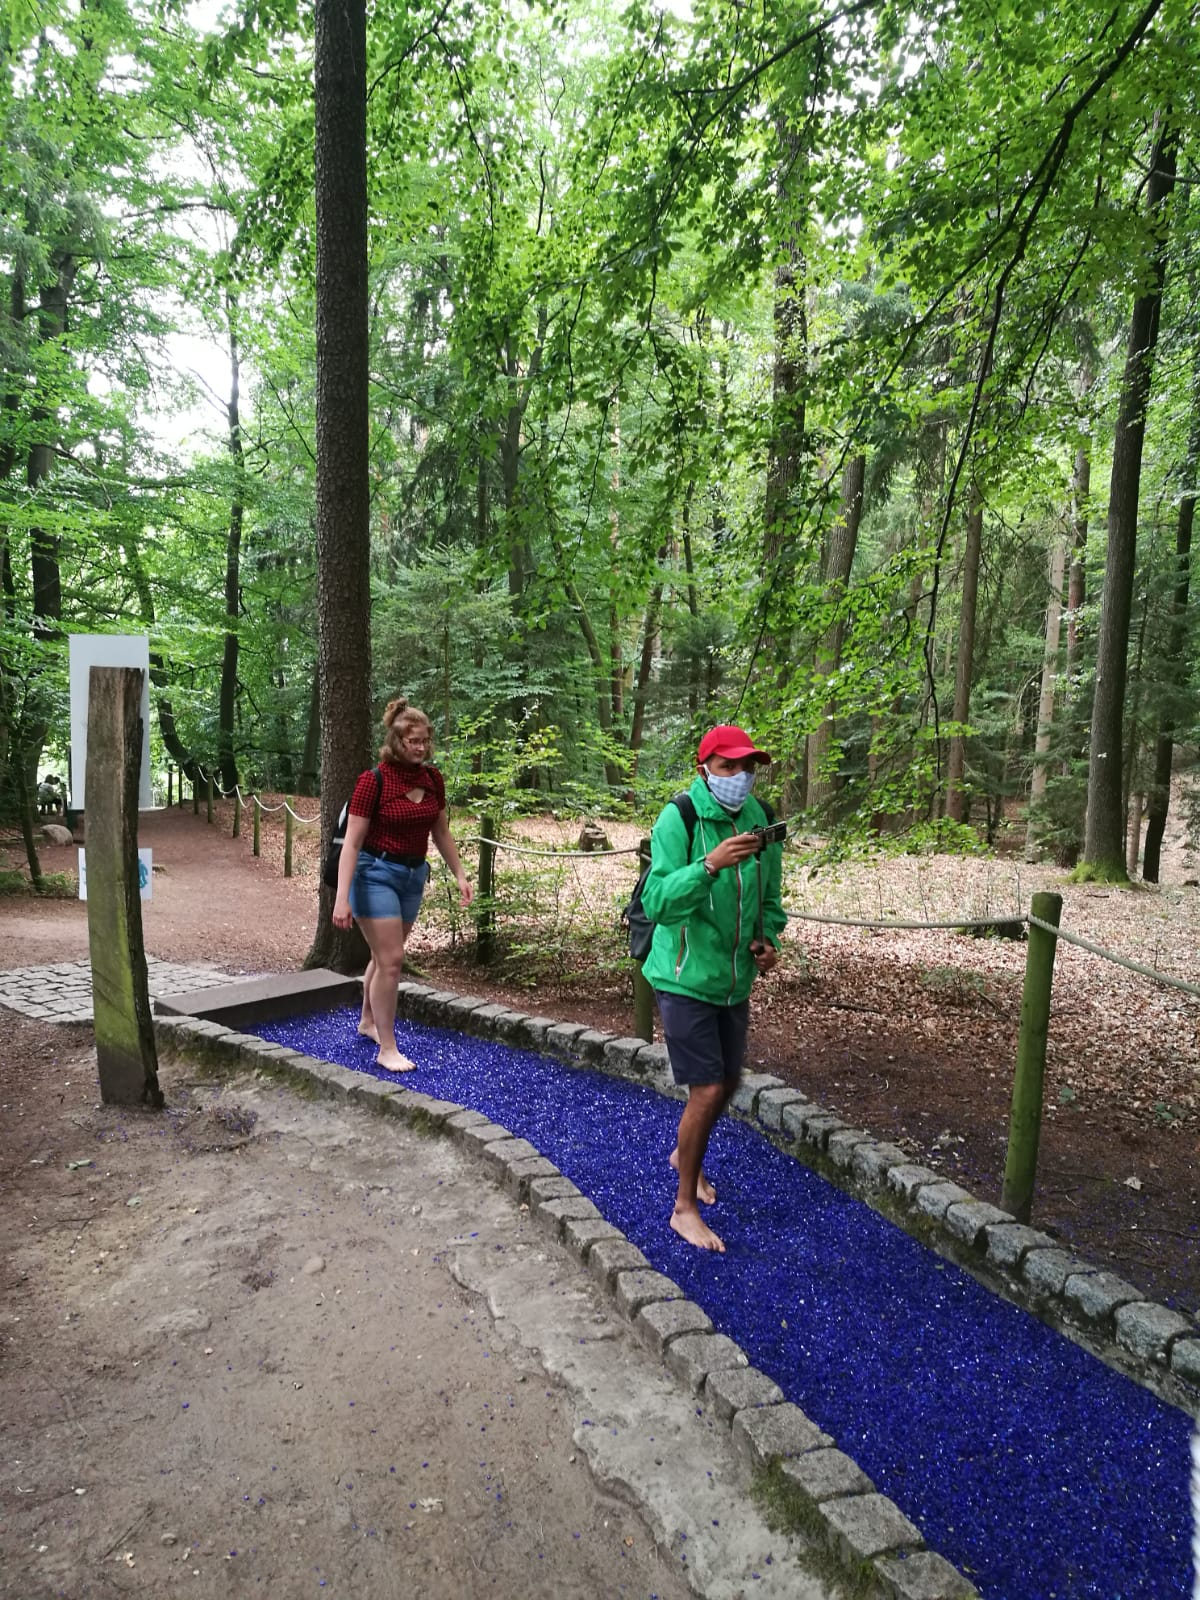 Im Wald: Zwei junge Menschen gehen über blaue Glasscherben.